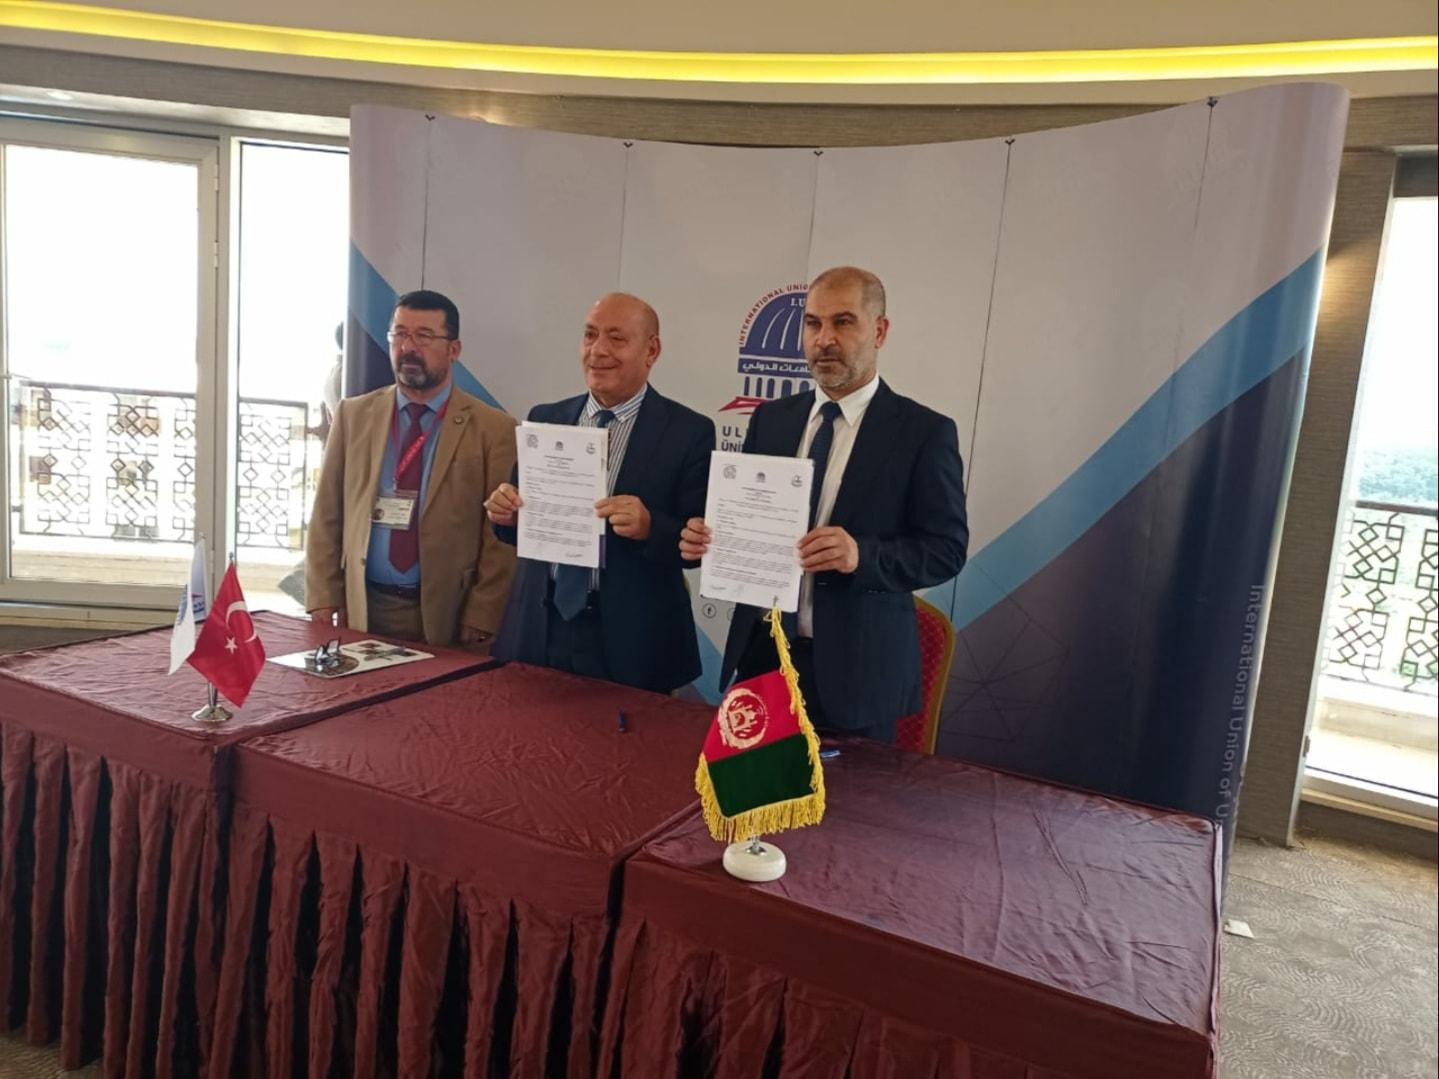 كلية شط العرب الجامعة توقع مذكرة تفاهم مع رابطة الجامعات و معاهد التعليم العالي الاهلية في أفغانستان